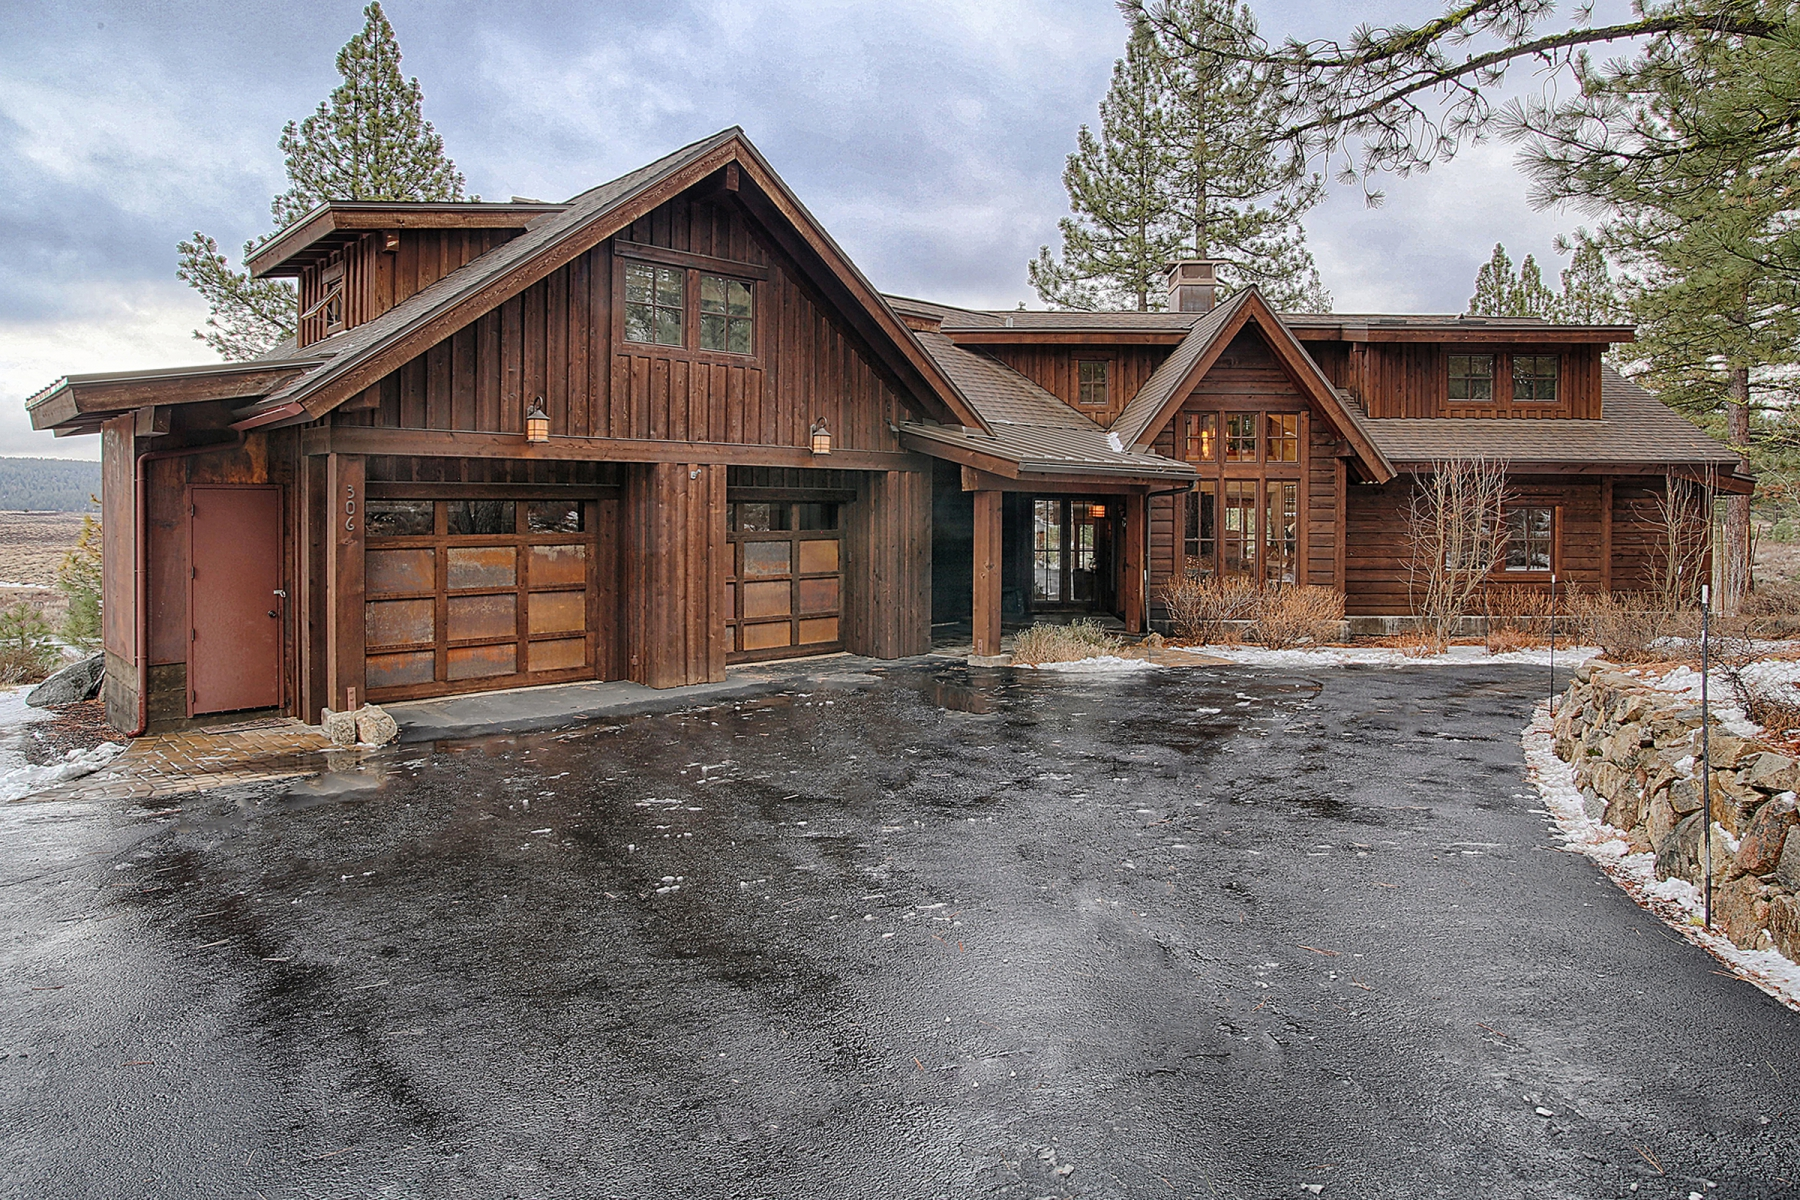 Частный односемейный дом для того Продажа на 306 Bob Haslem Truckee, Калифорния, 96161 Lake Tahoe, Соединенные Штаты